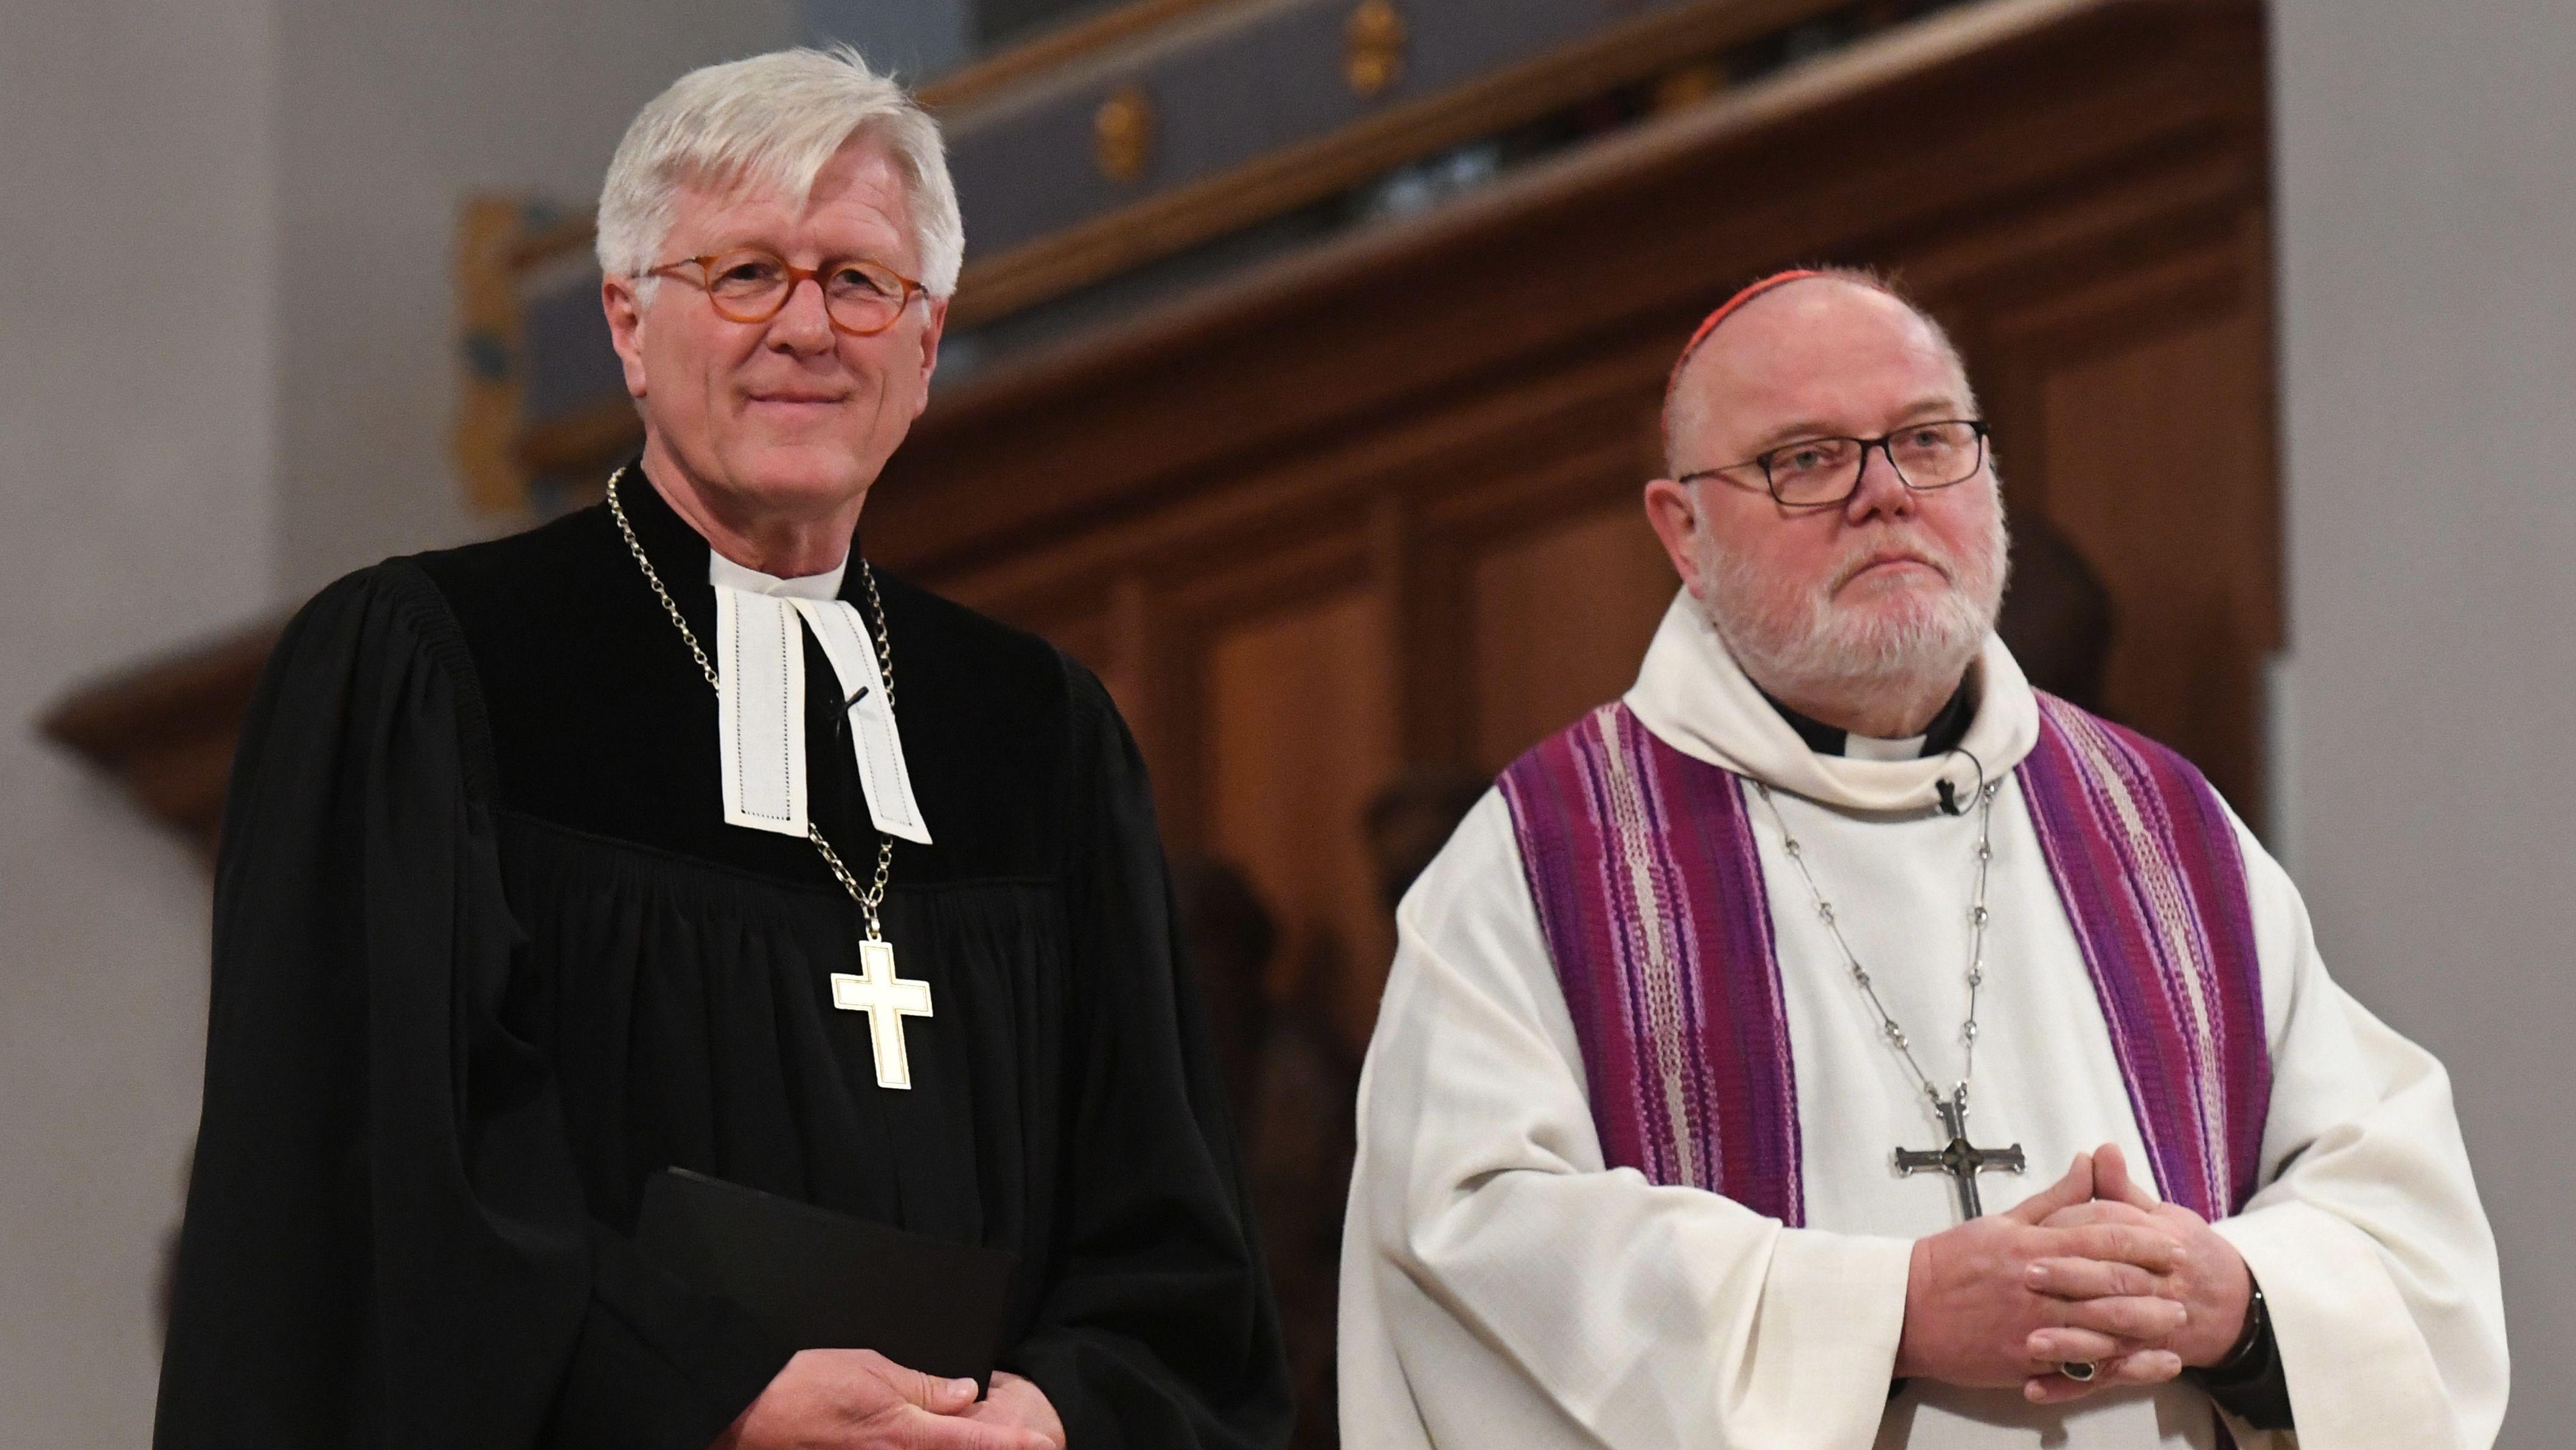 Der evangelische Landesbischof Heinrich Bedford-Strohm und der Erzbischof von München und Freising, Kardinal Reinhard Marx. (Archivbild)